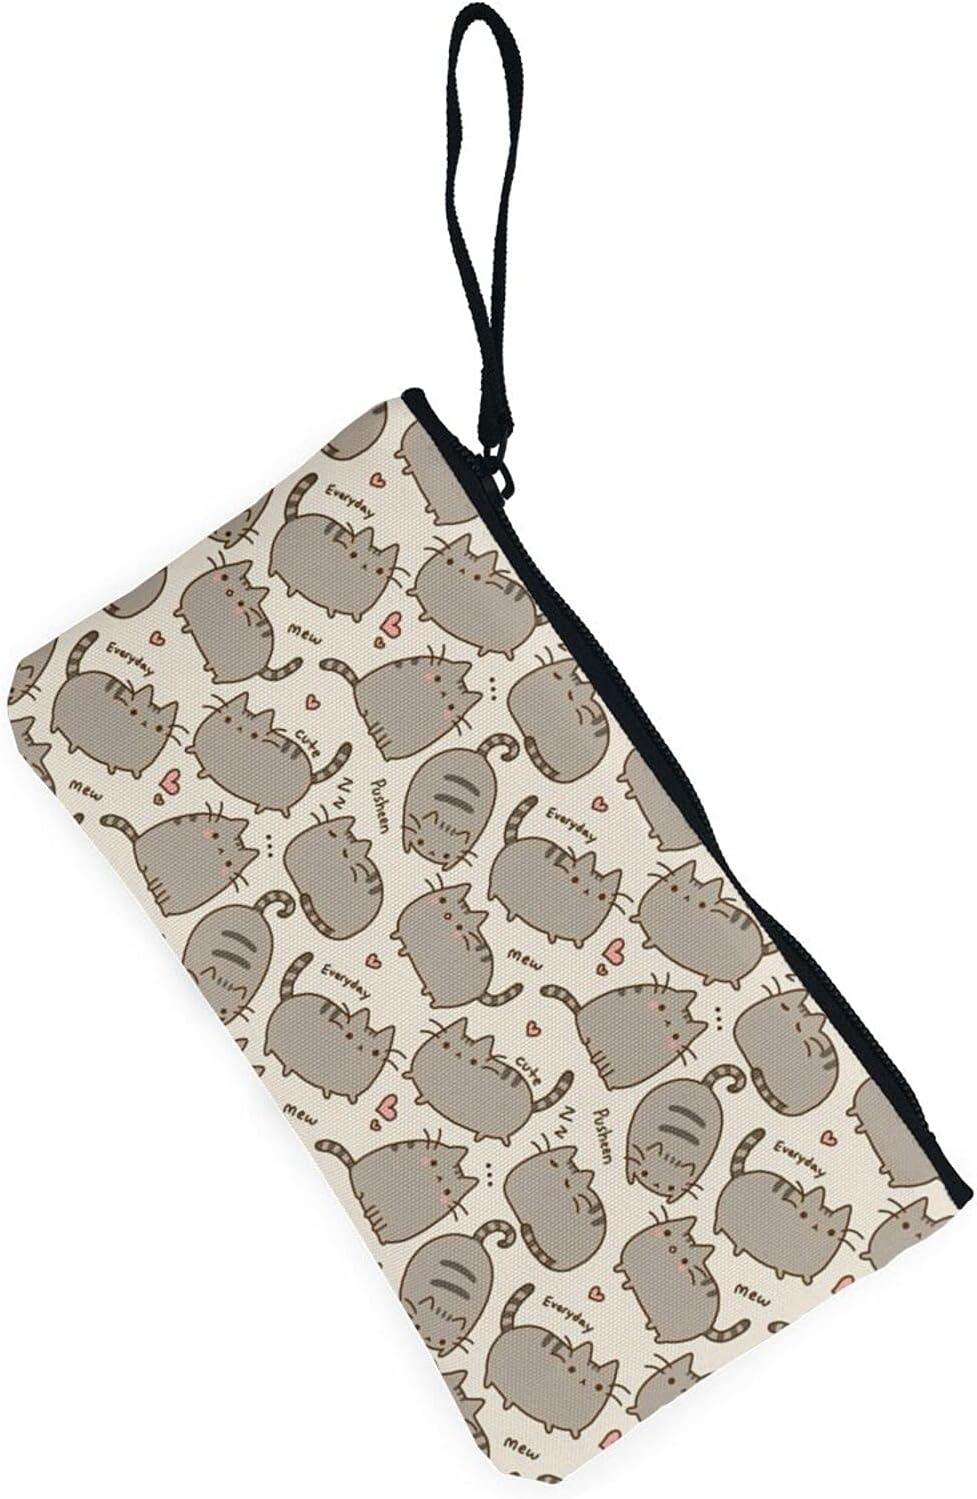 AORRUAM Cute cat pattern Canvas Coin Purse,Canvas Zipper Pencil Cases,Canvas Change Purse Pouch Mini Wallet Coin Bag